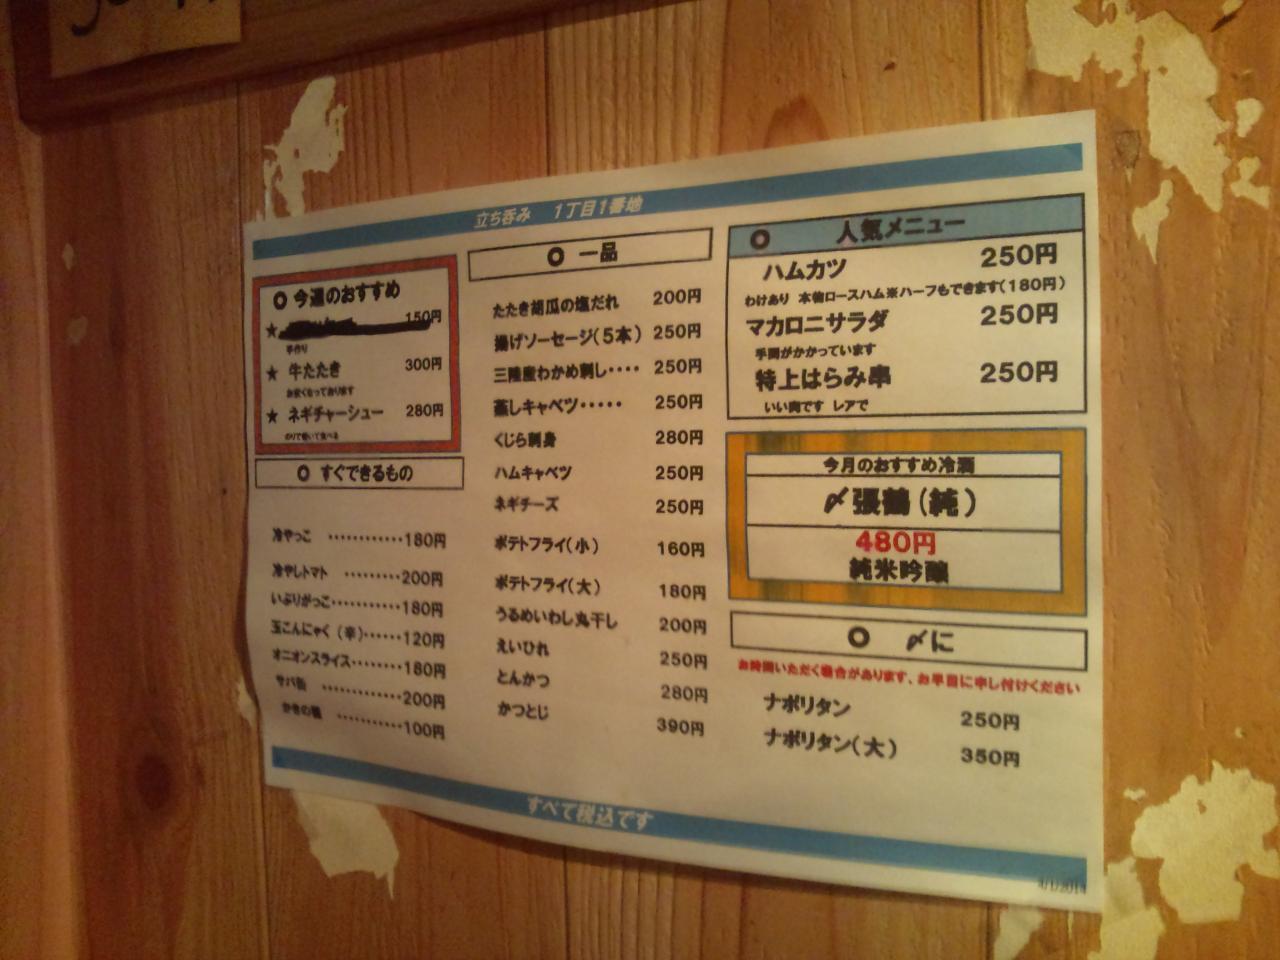 一間酒場1丁目1番地神田駅東口店(メニュー)